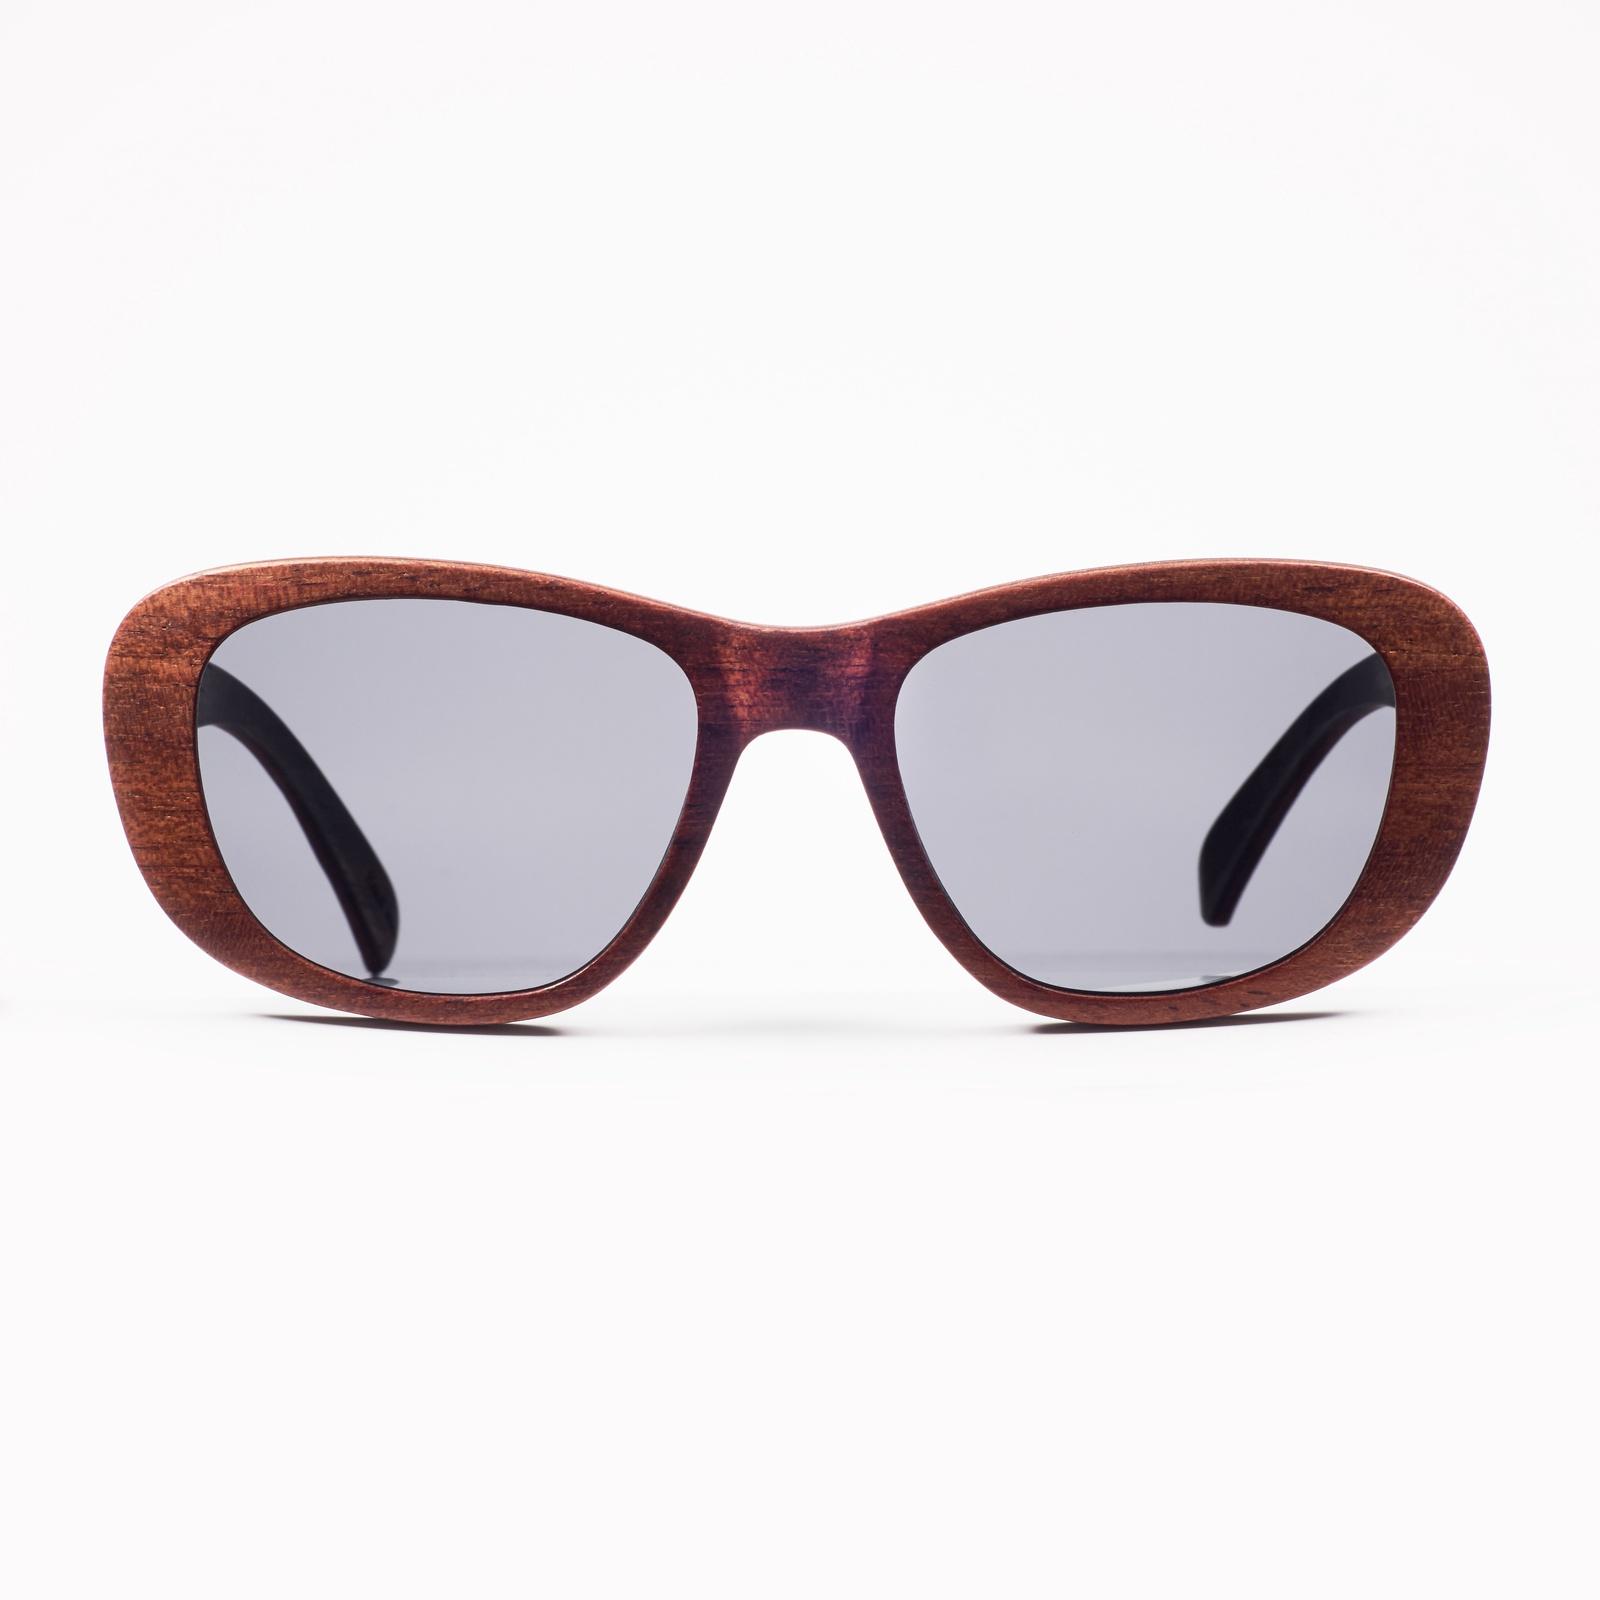 Очки солнцезащитные очки 2017 тренды фото женские солнцезащитные фото